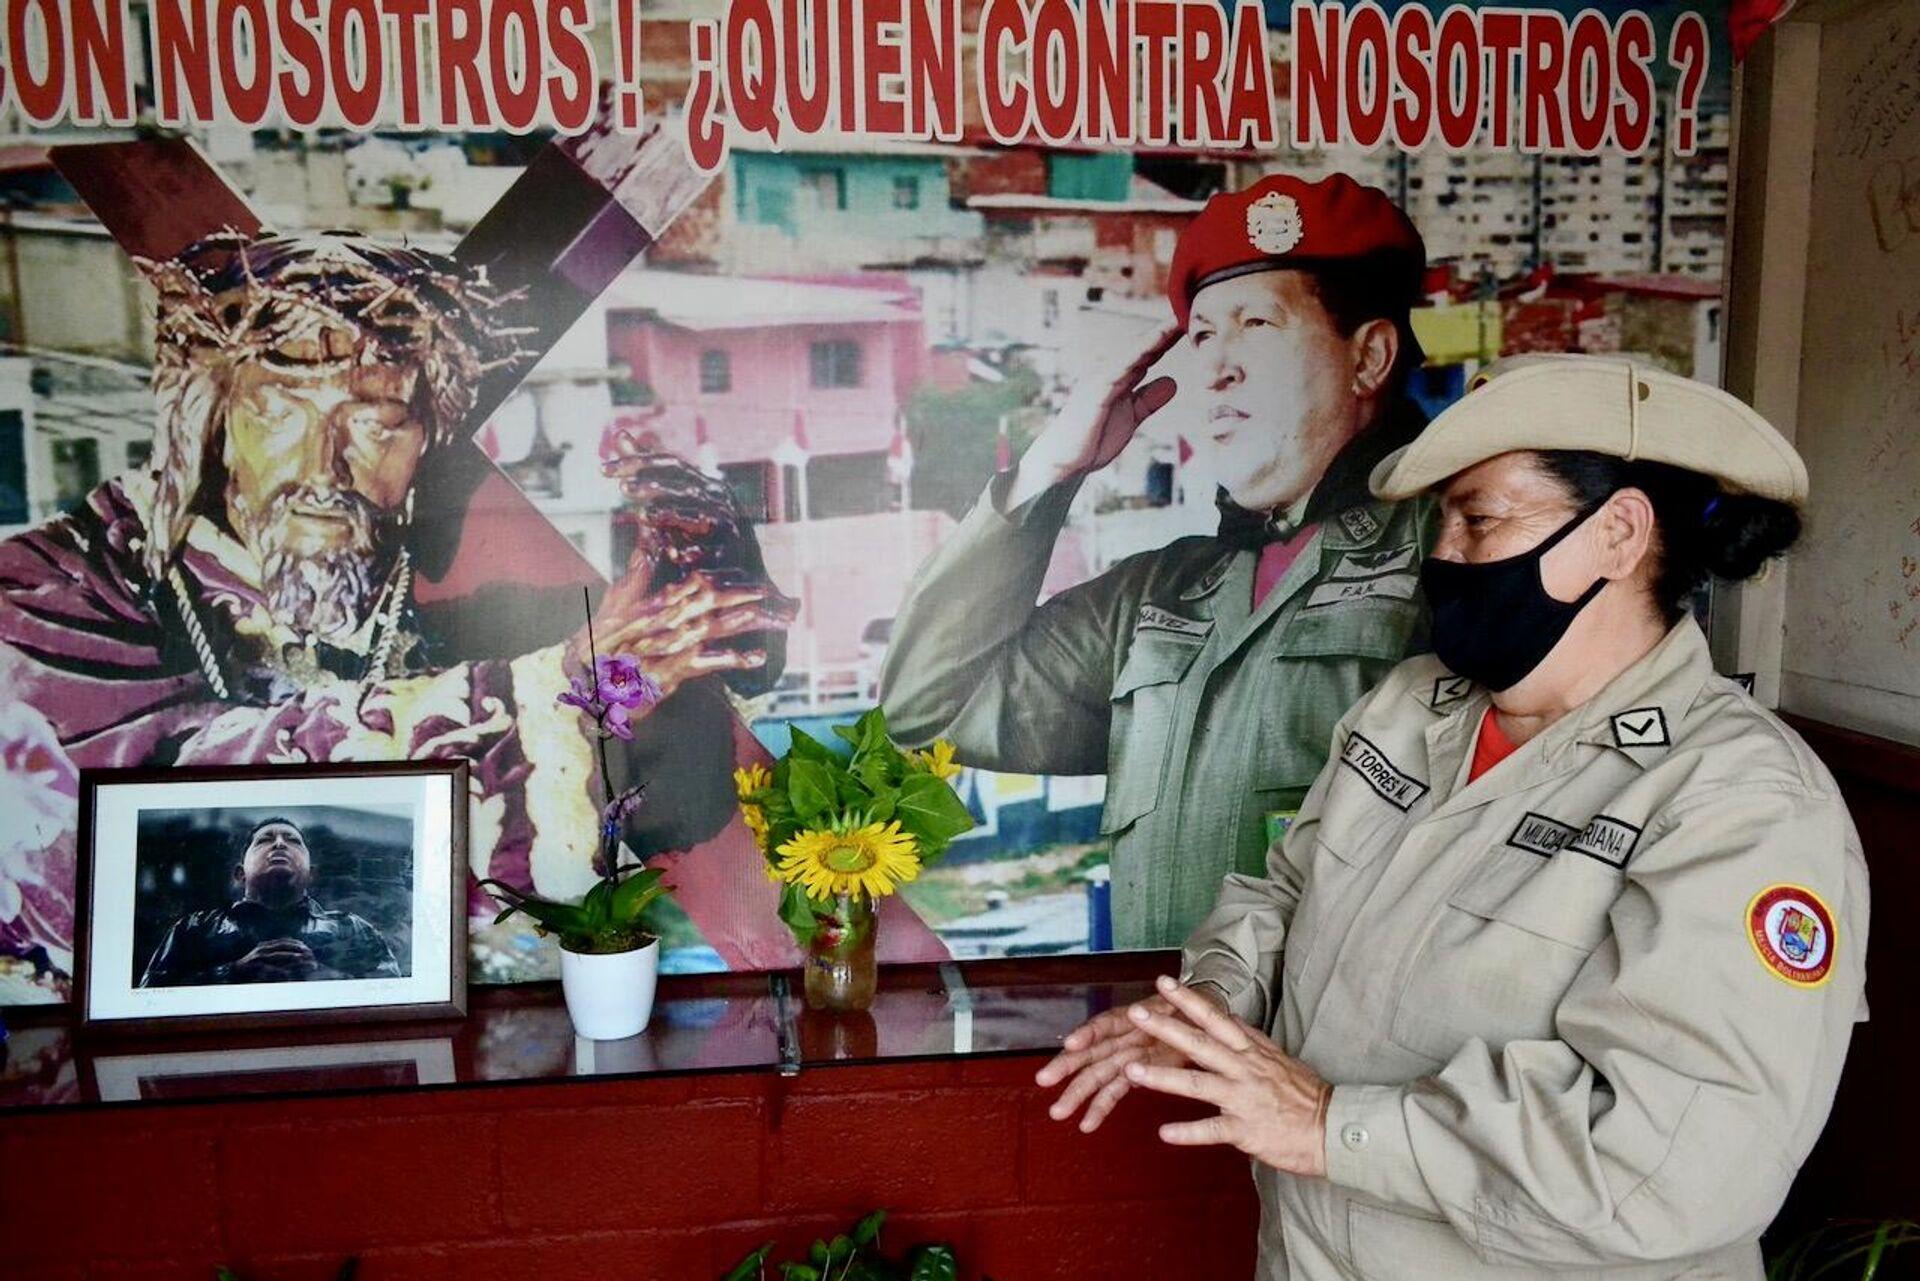 Elizabeth Torres cuenta que Chávez se apareció en su casa el 4 de febrero de 1992  - Sputnik Mundo, 1920, 29.07.2021